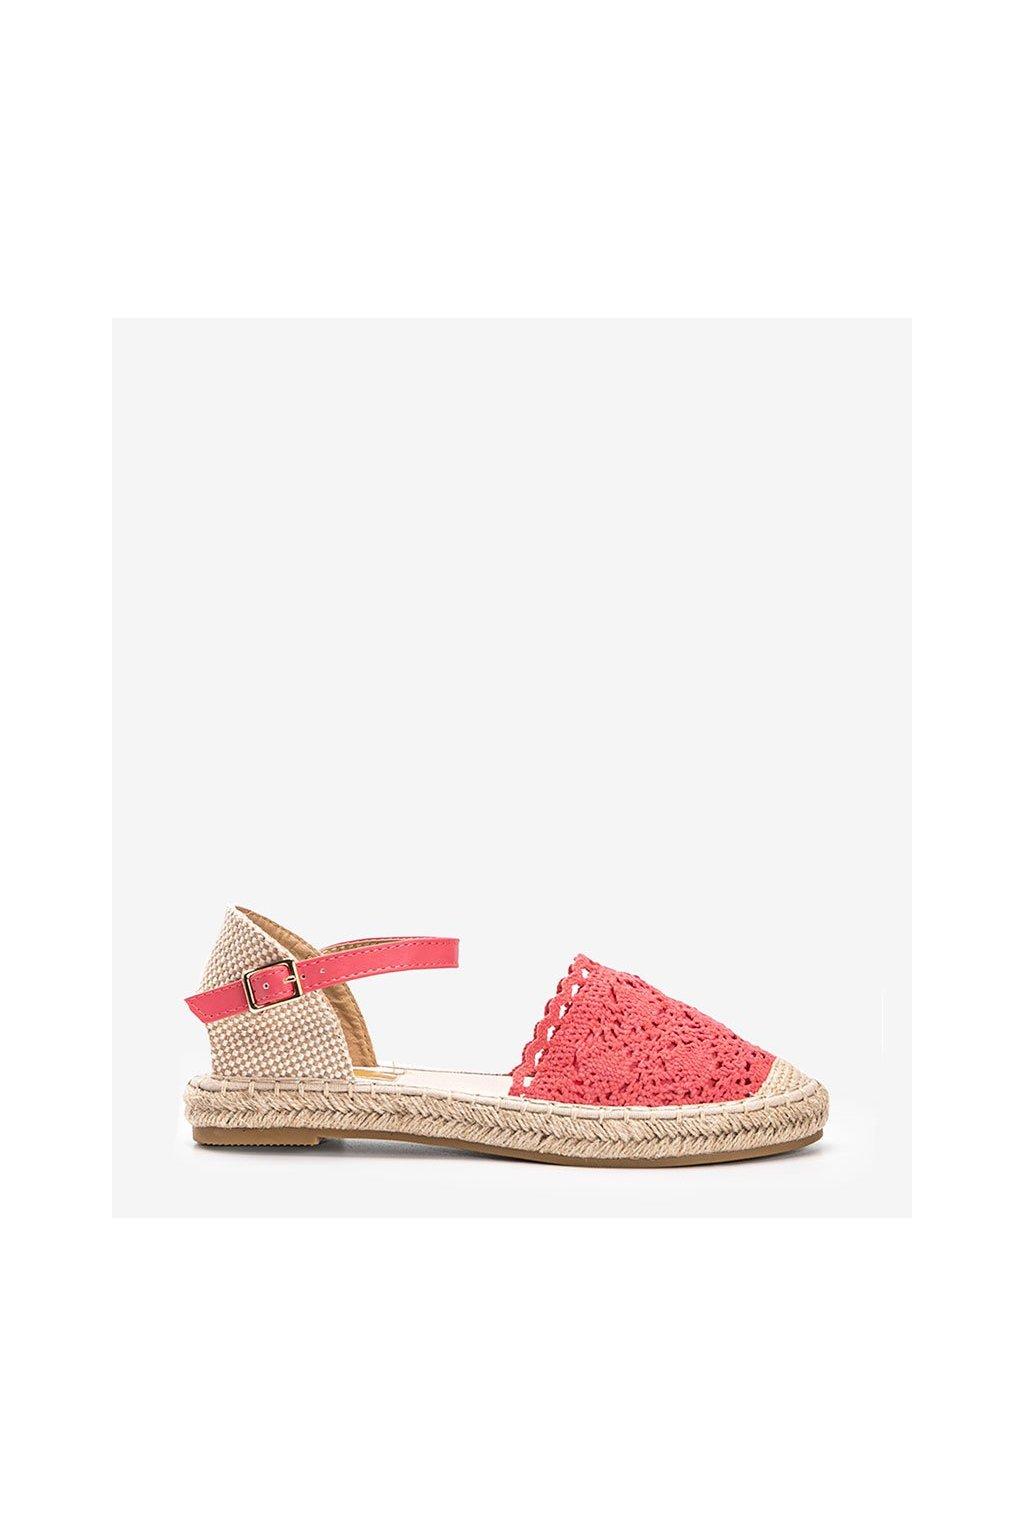 Dámske topánky espadrilky červené kód LX201 - GM